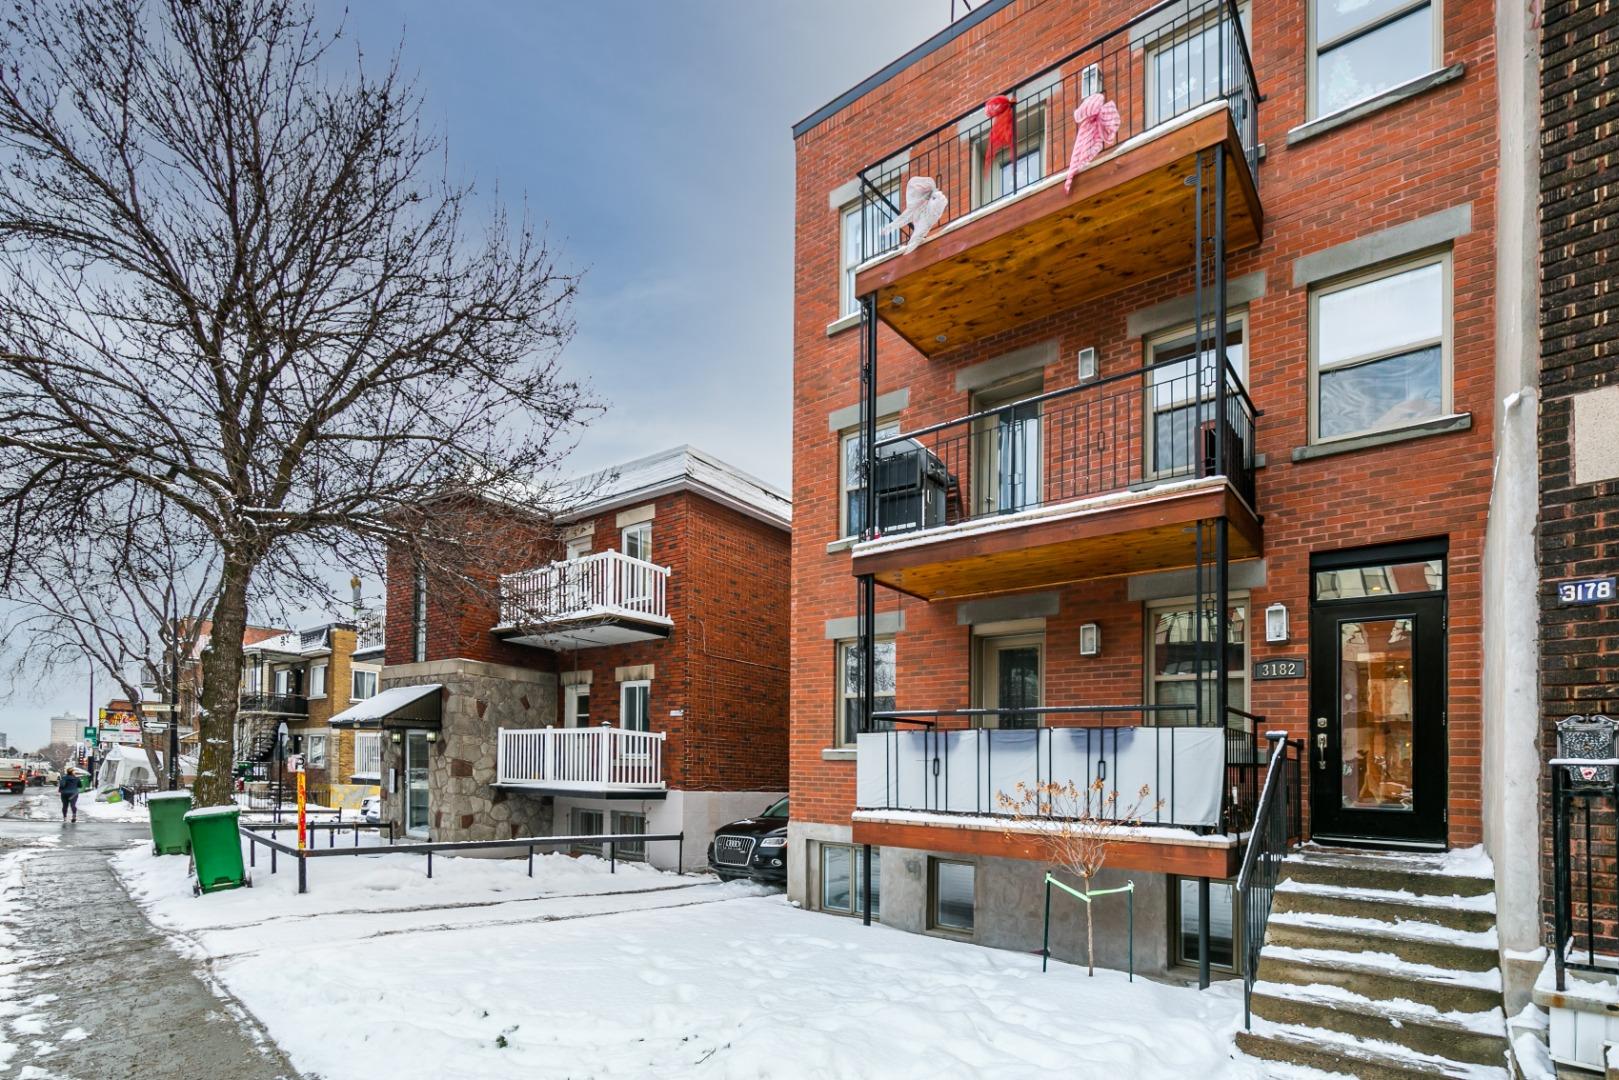 Condo_à_vendre_Rosemont_3182_Rosemont_#1_Montréal-_steve_rouleau_-_AL-2.jpg